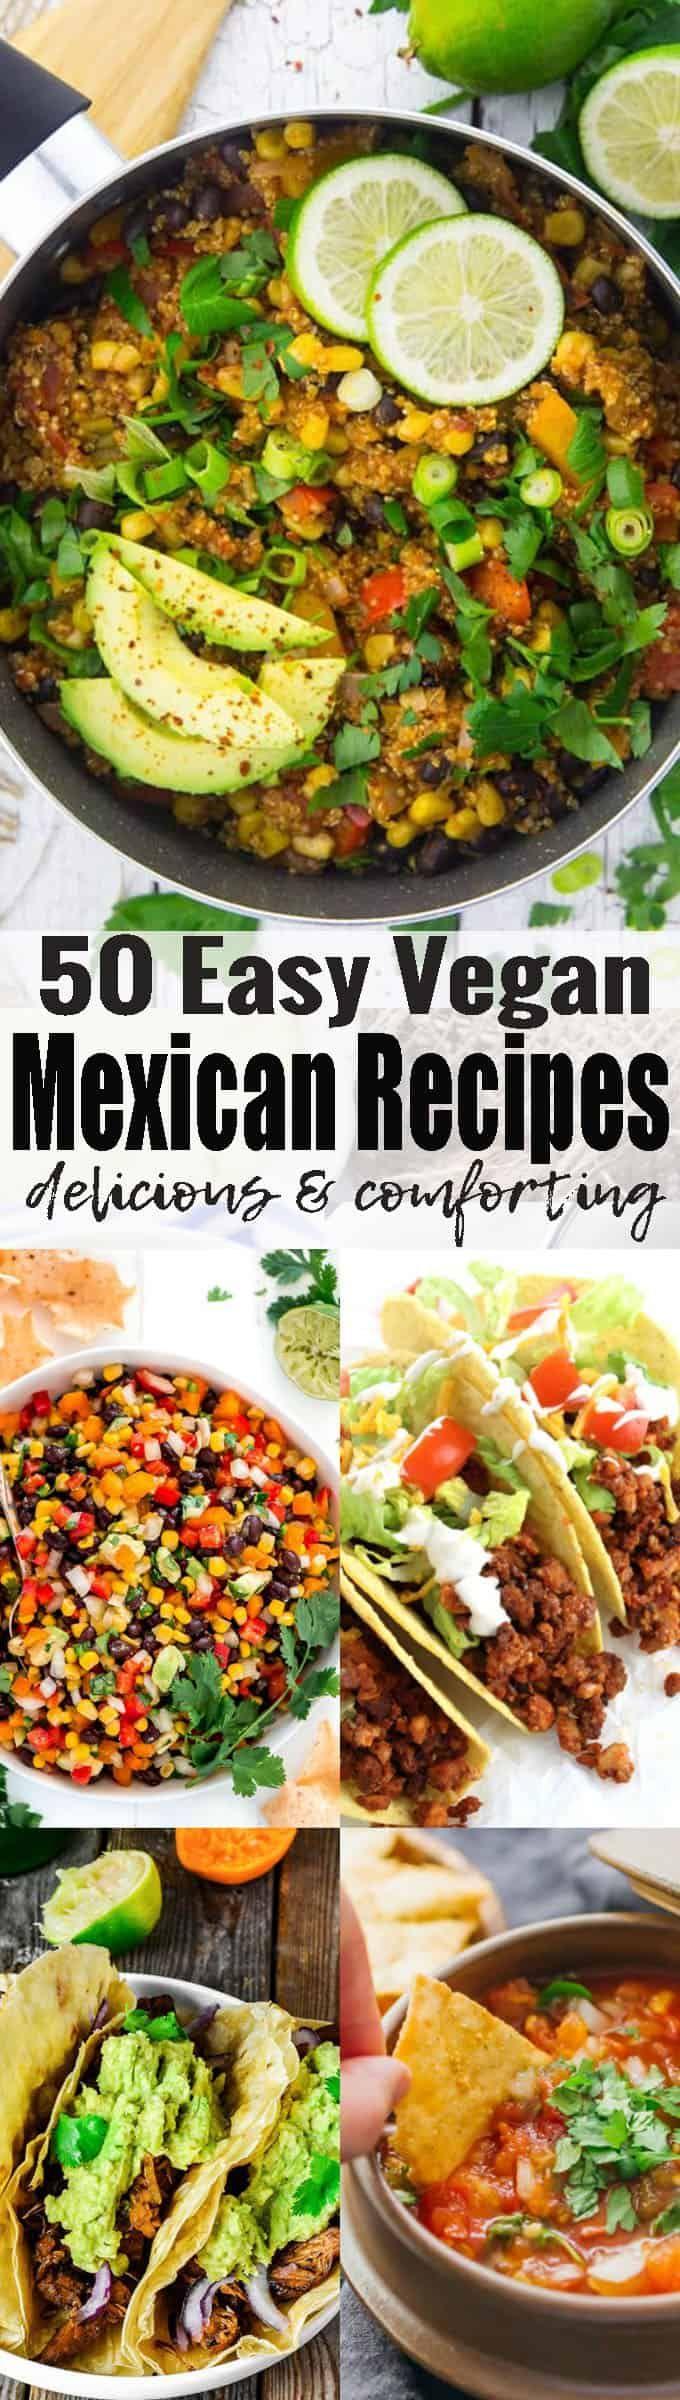 Vegan Mexican Food 38 Drool Worthy Recipes Vegan Mexican Recipes Mexican Food Recipes Vegetarian Mexican Recipes